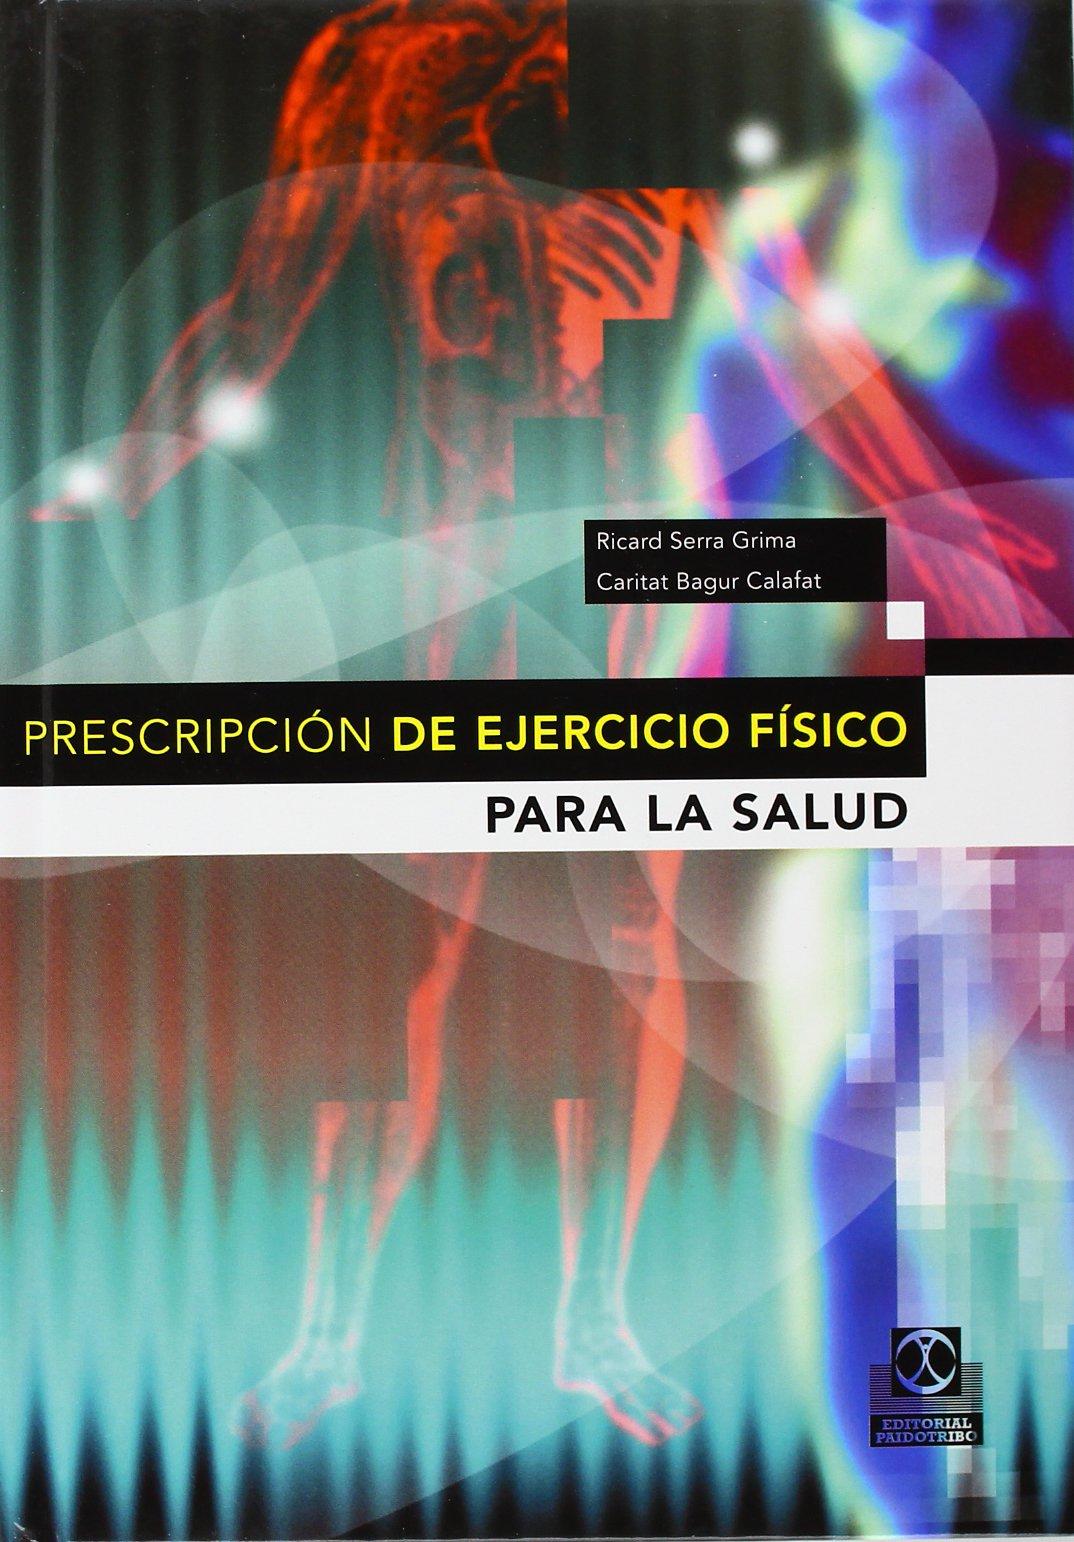 diabetes tipo 2 ejercicio prescripción muestras